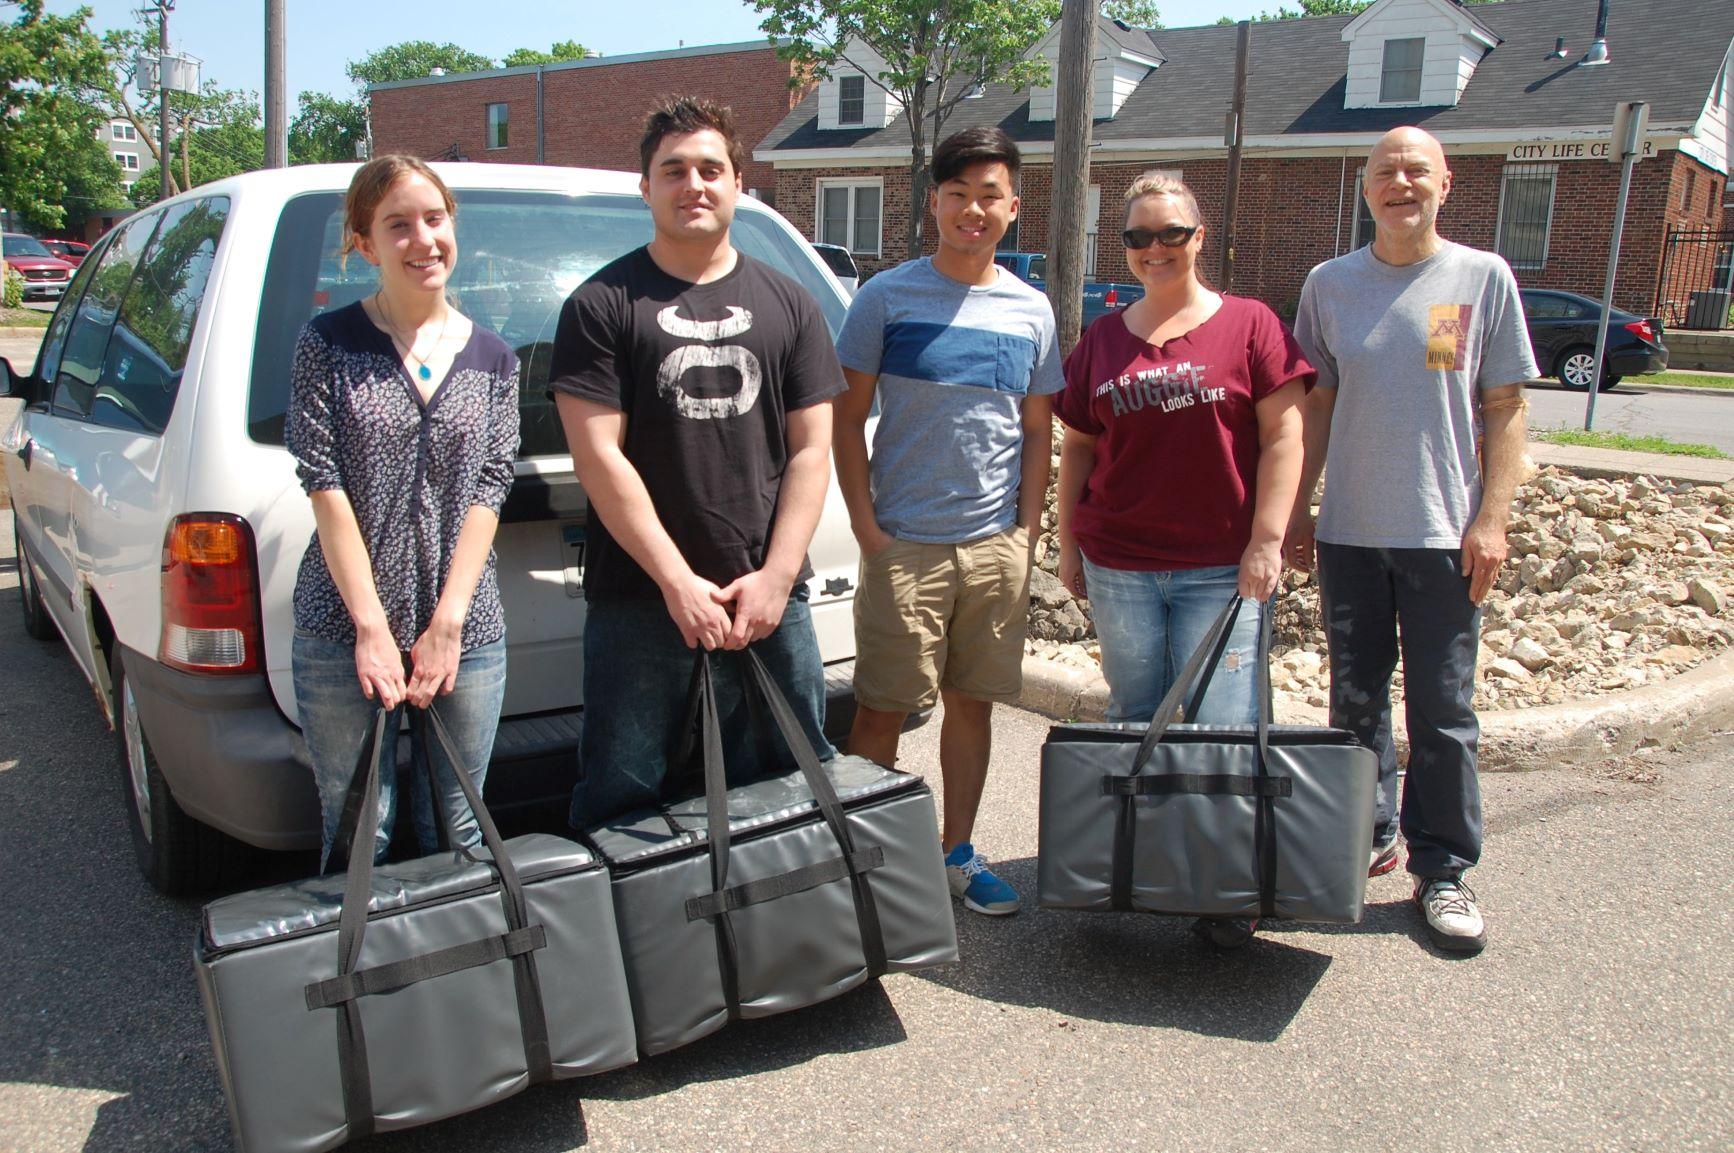 Students holding meal packs behind van